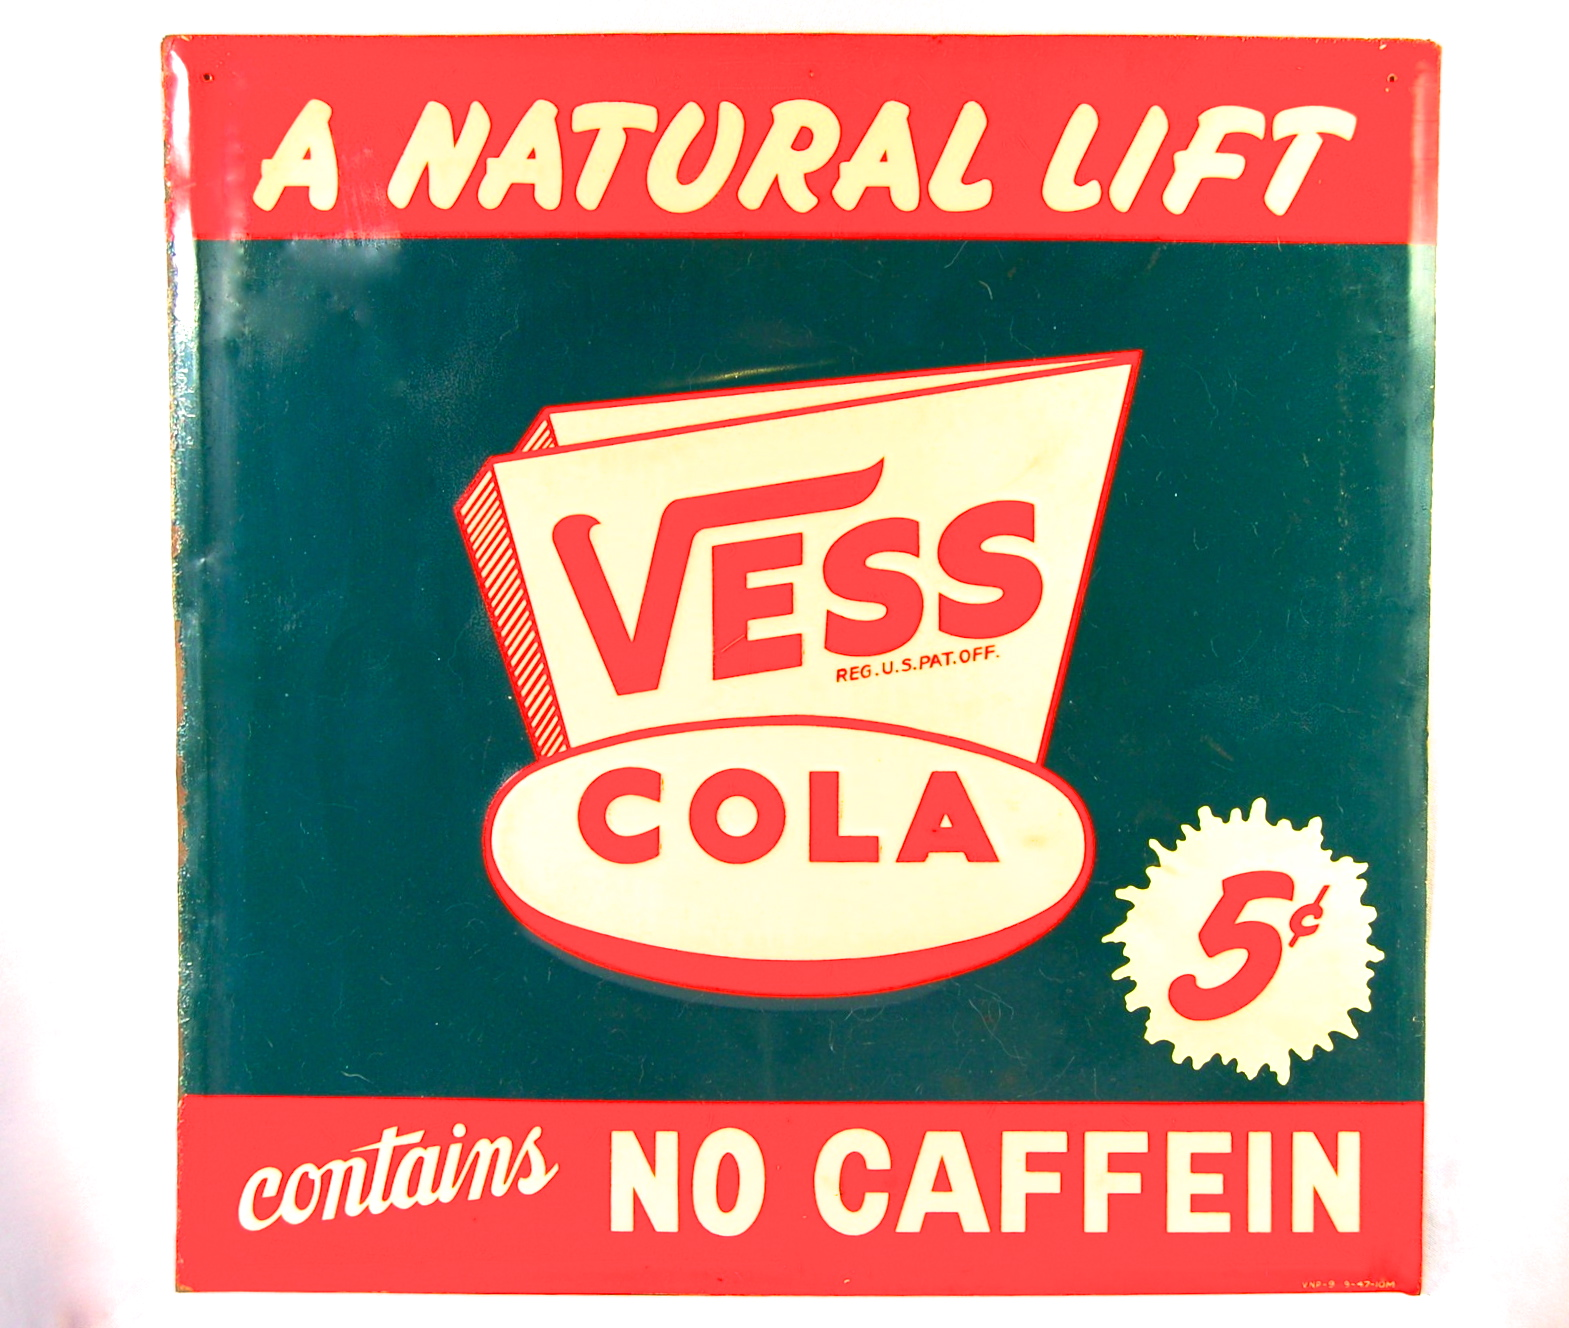 Vess Cola No Caffein Tin Sign, Vess Soda Co., St. Louis, MO. Circa 1945